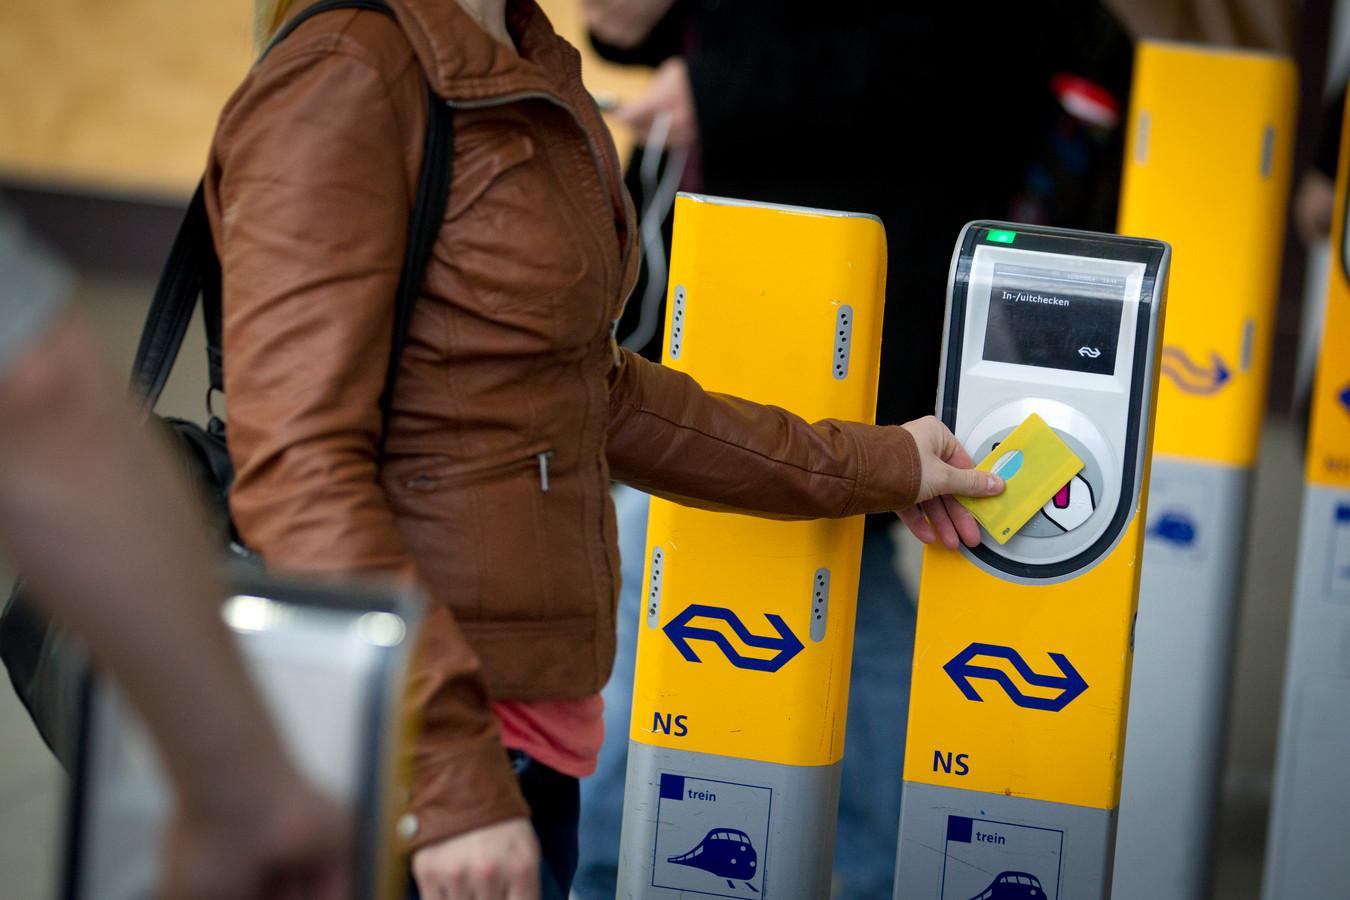 Een reiziger checkt uit met OV-chipkaart, foto ter illustratie.